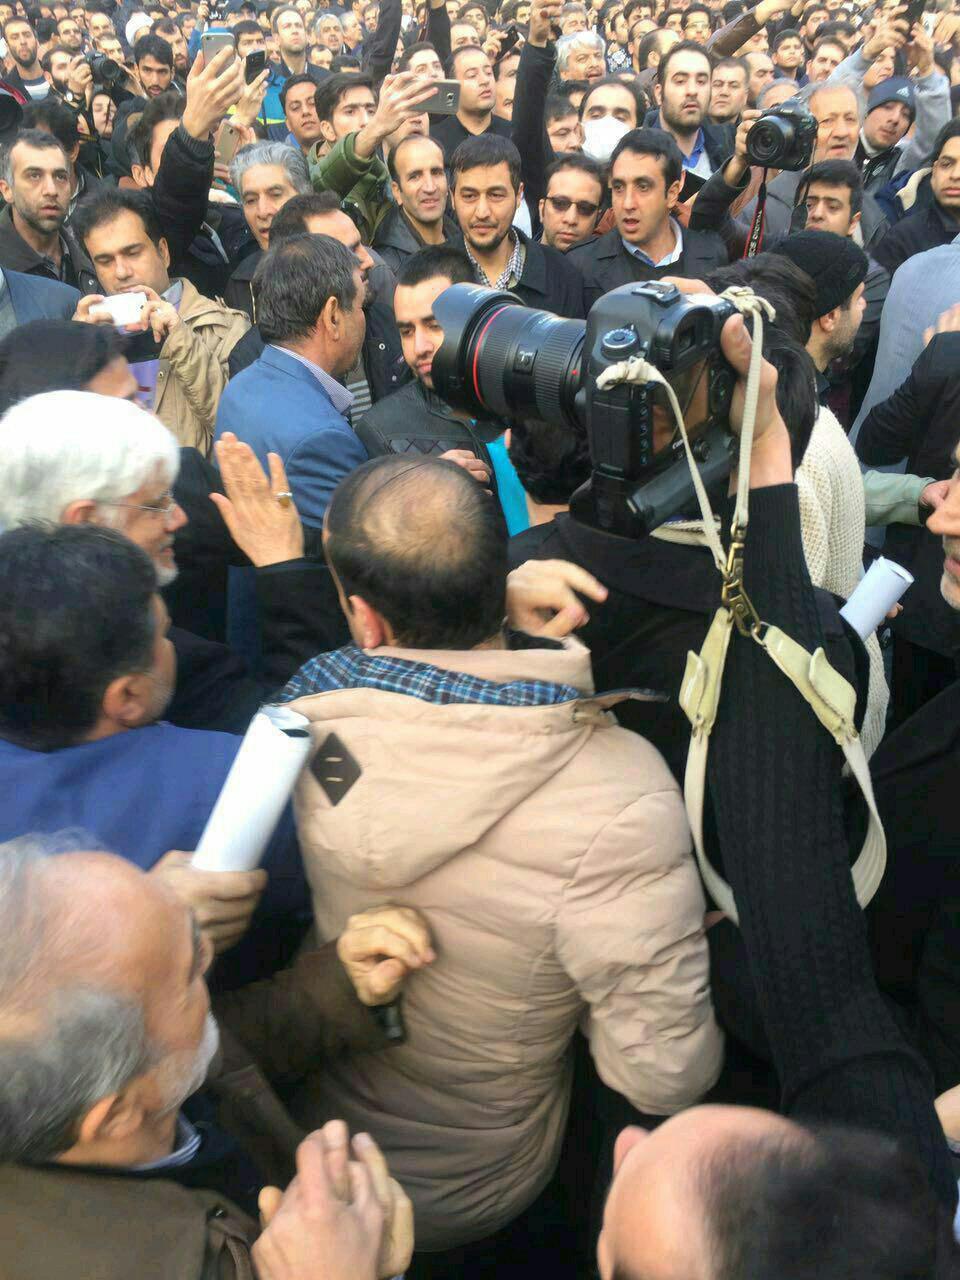 حضور دکتر عارف در مراسم ایت الله هاشمی رفسنجانی + عکس